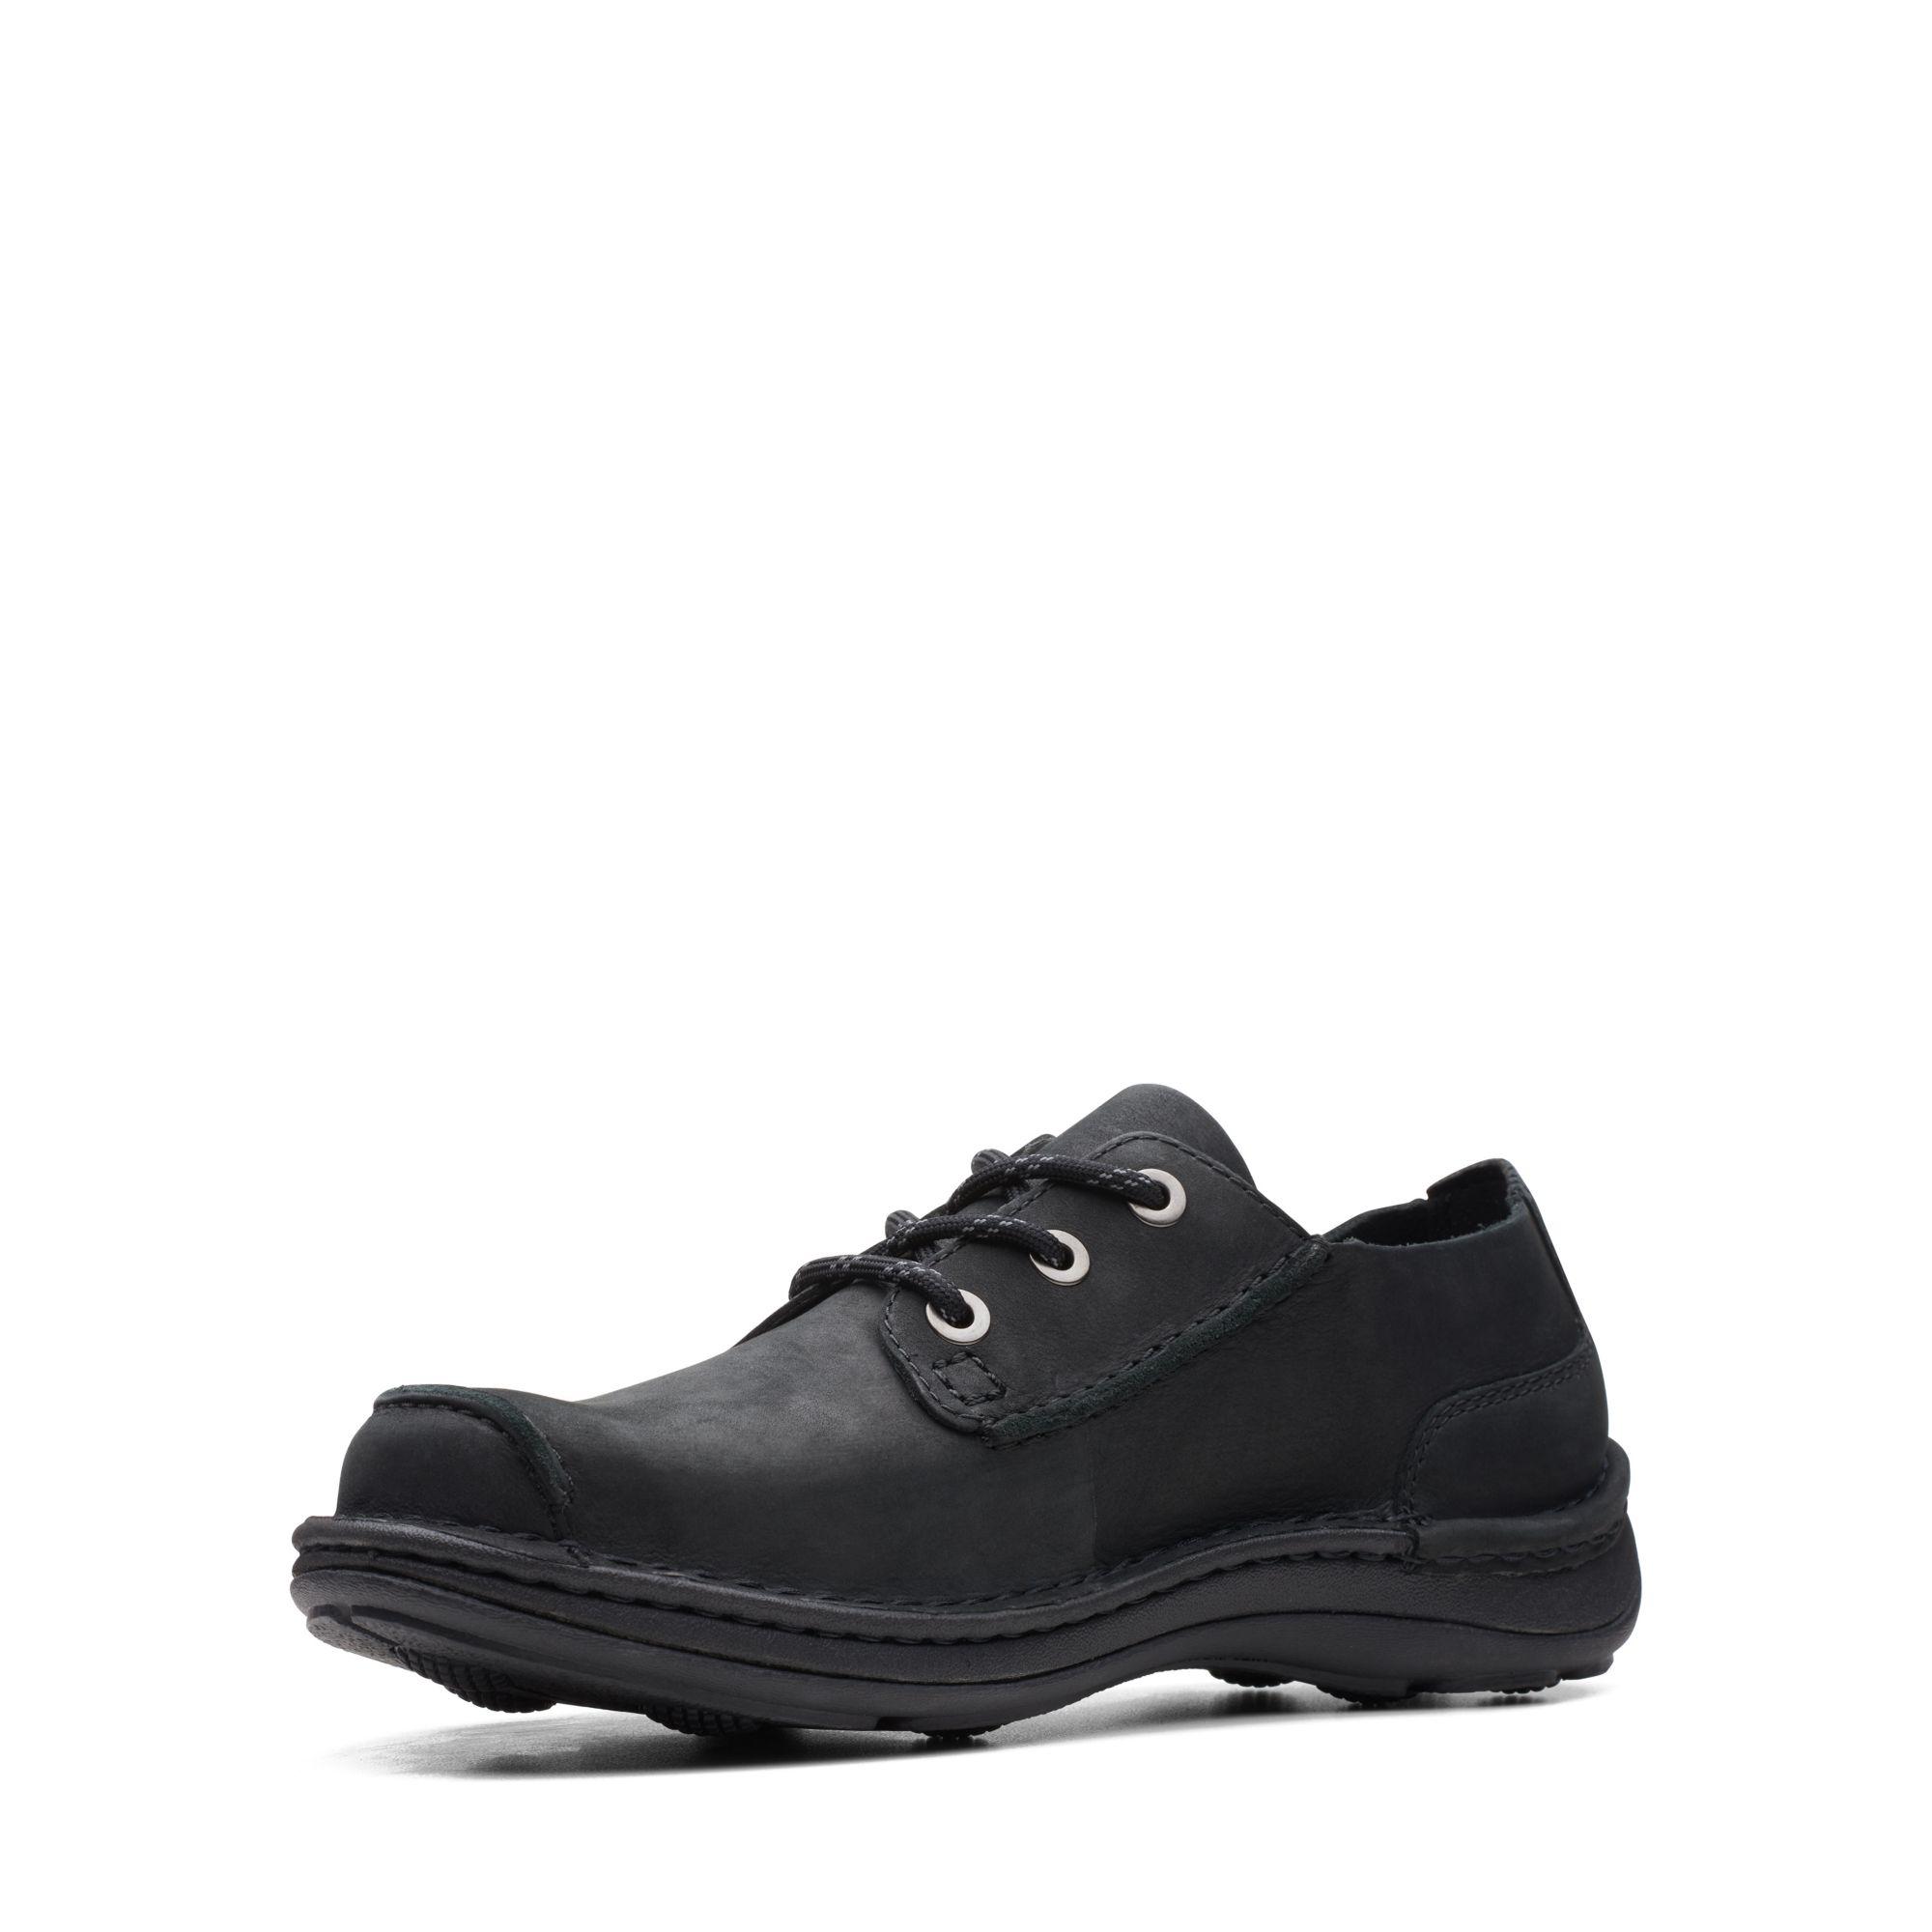 Мъжки обувки от набук Clarks Nature Ramble Black Nubuck - снимка 4